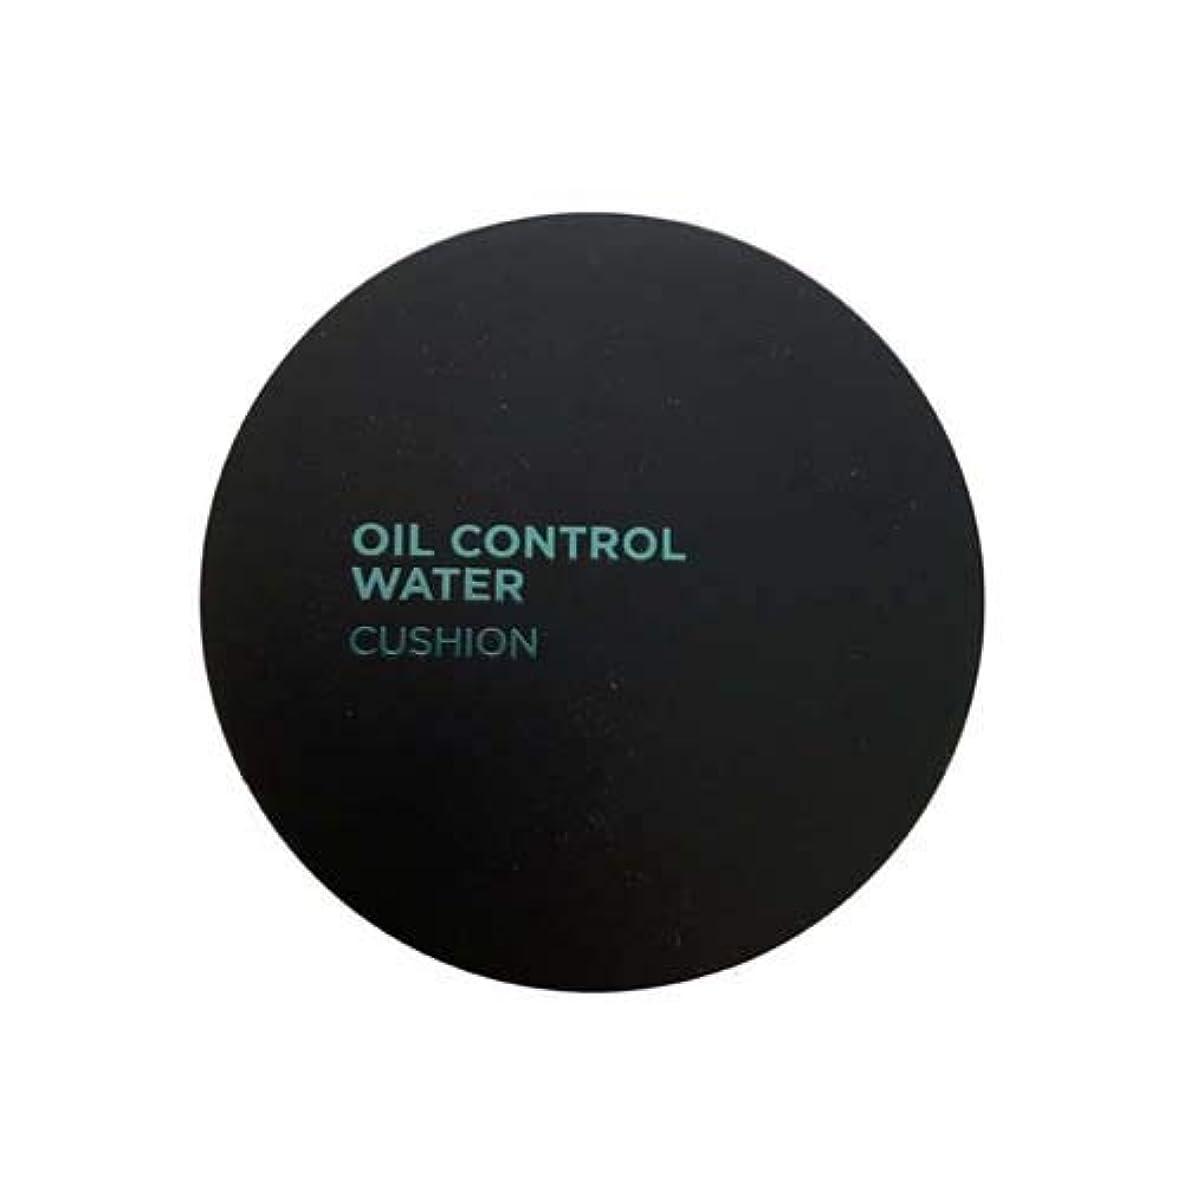 ショルダー時計回り手入れ[ザ?フェイスショップ] THE FACE SHOP [オイルコントロール水分クッションEX SPF50+ PA+++15g] Oil Control Water Cushion EX 15g [海外直送品] (V203...